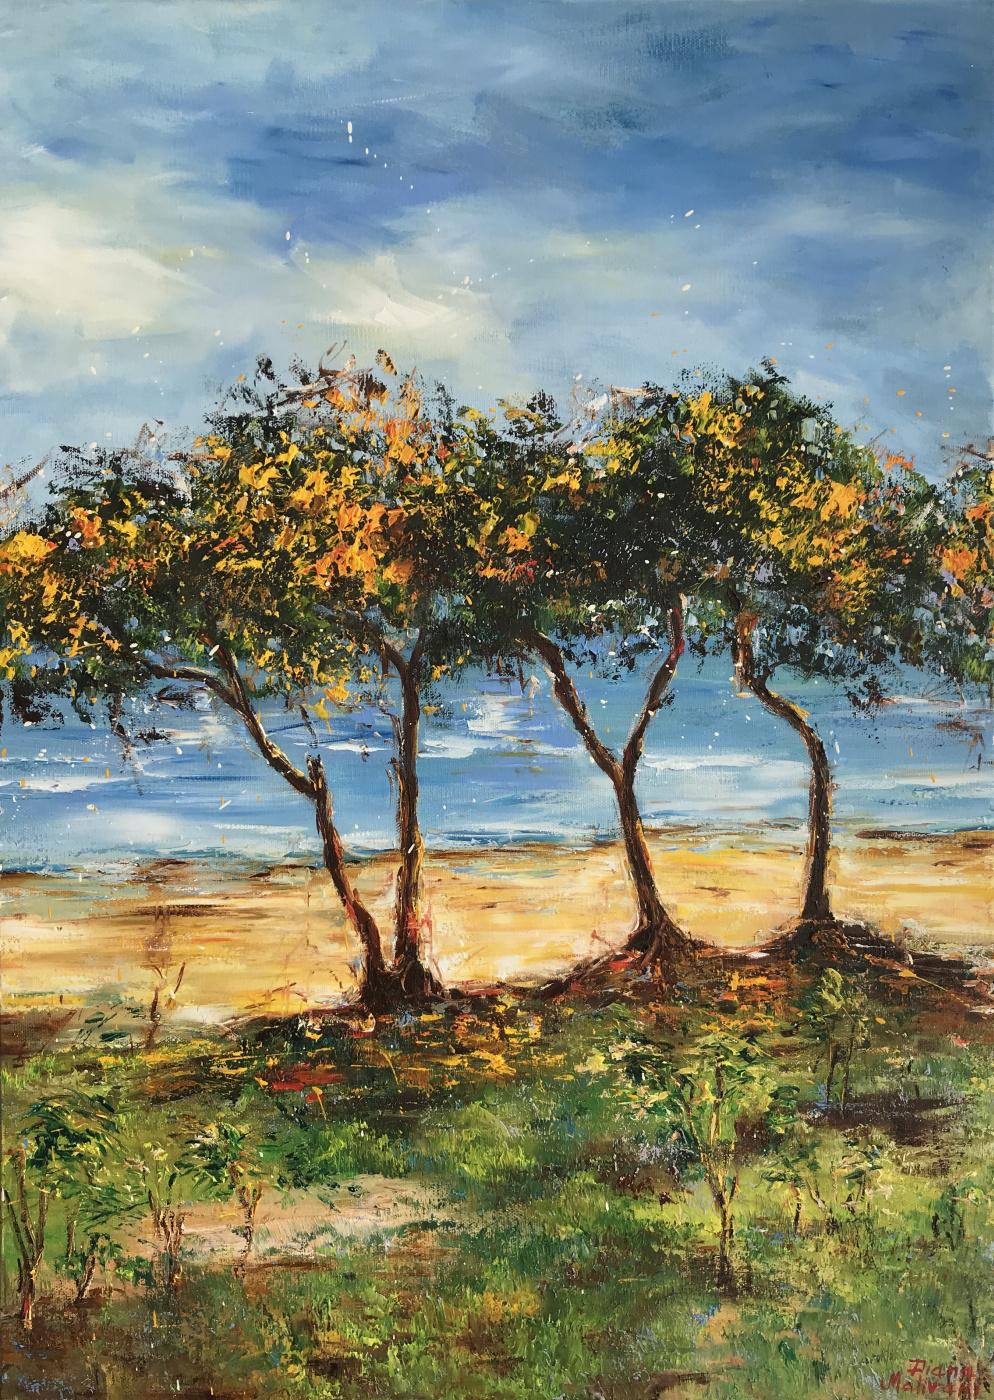 Диана Владимировна Маливани. Cyprus. Blooming Mimosa